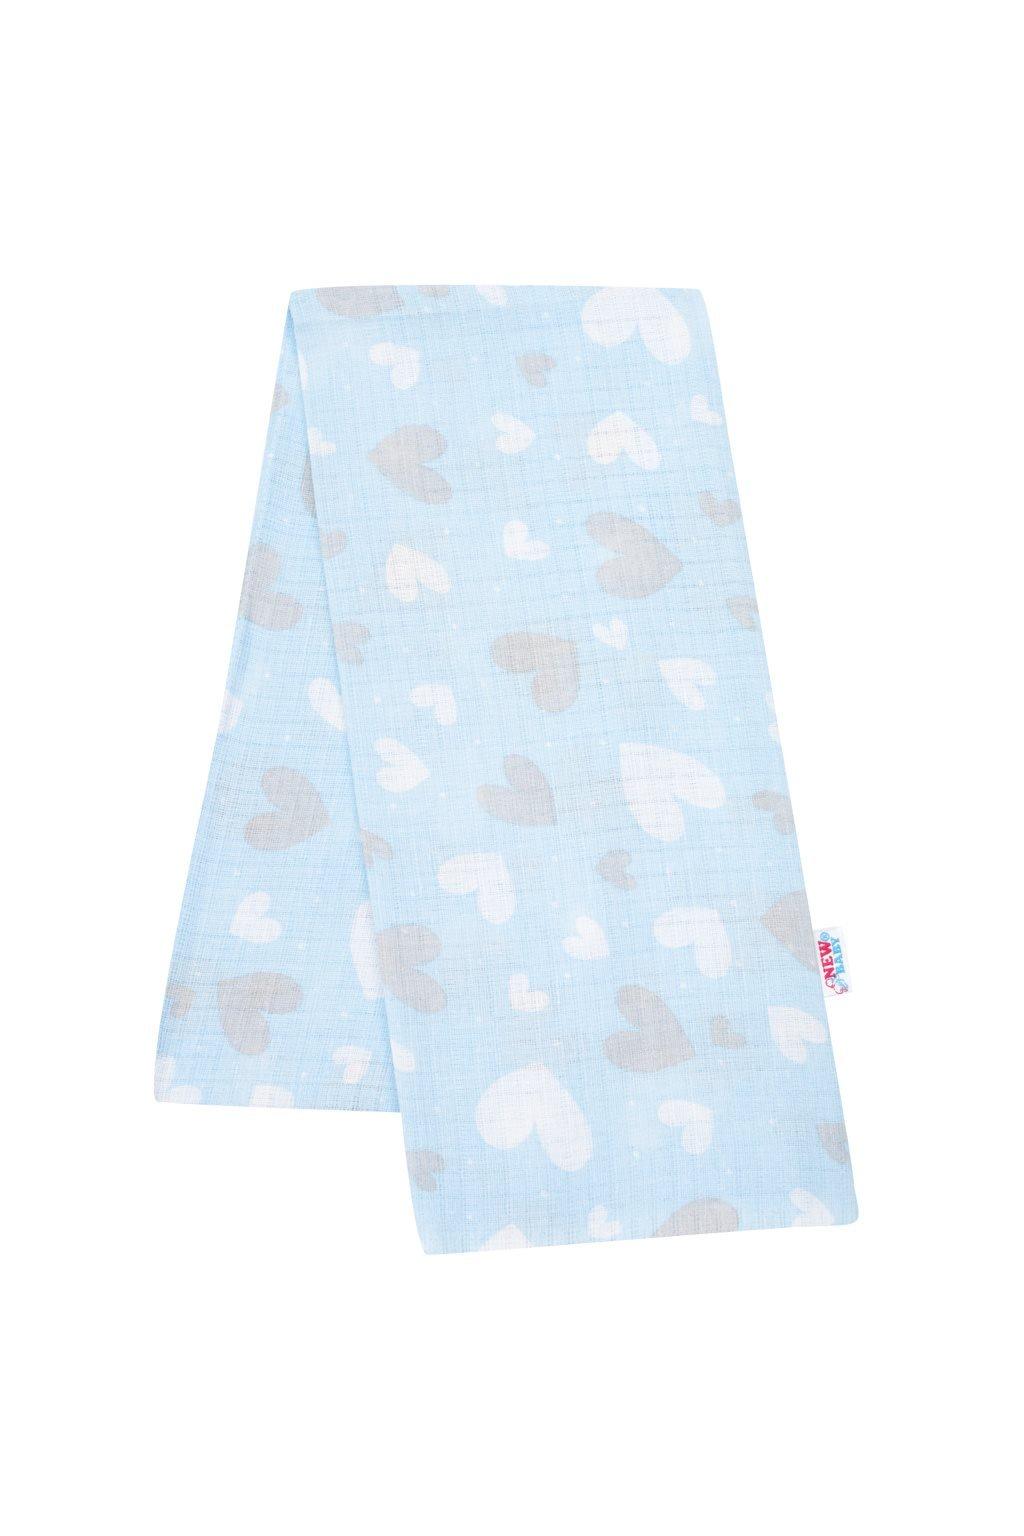 Bavlnená plienka s potlačou New Baby modrá srdiečka